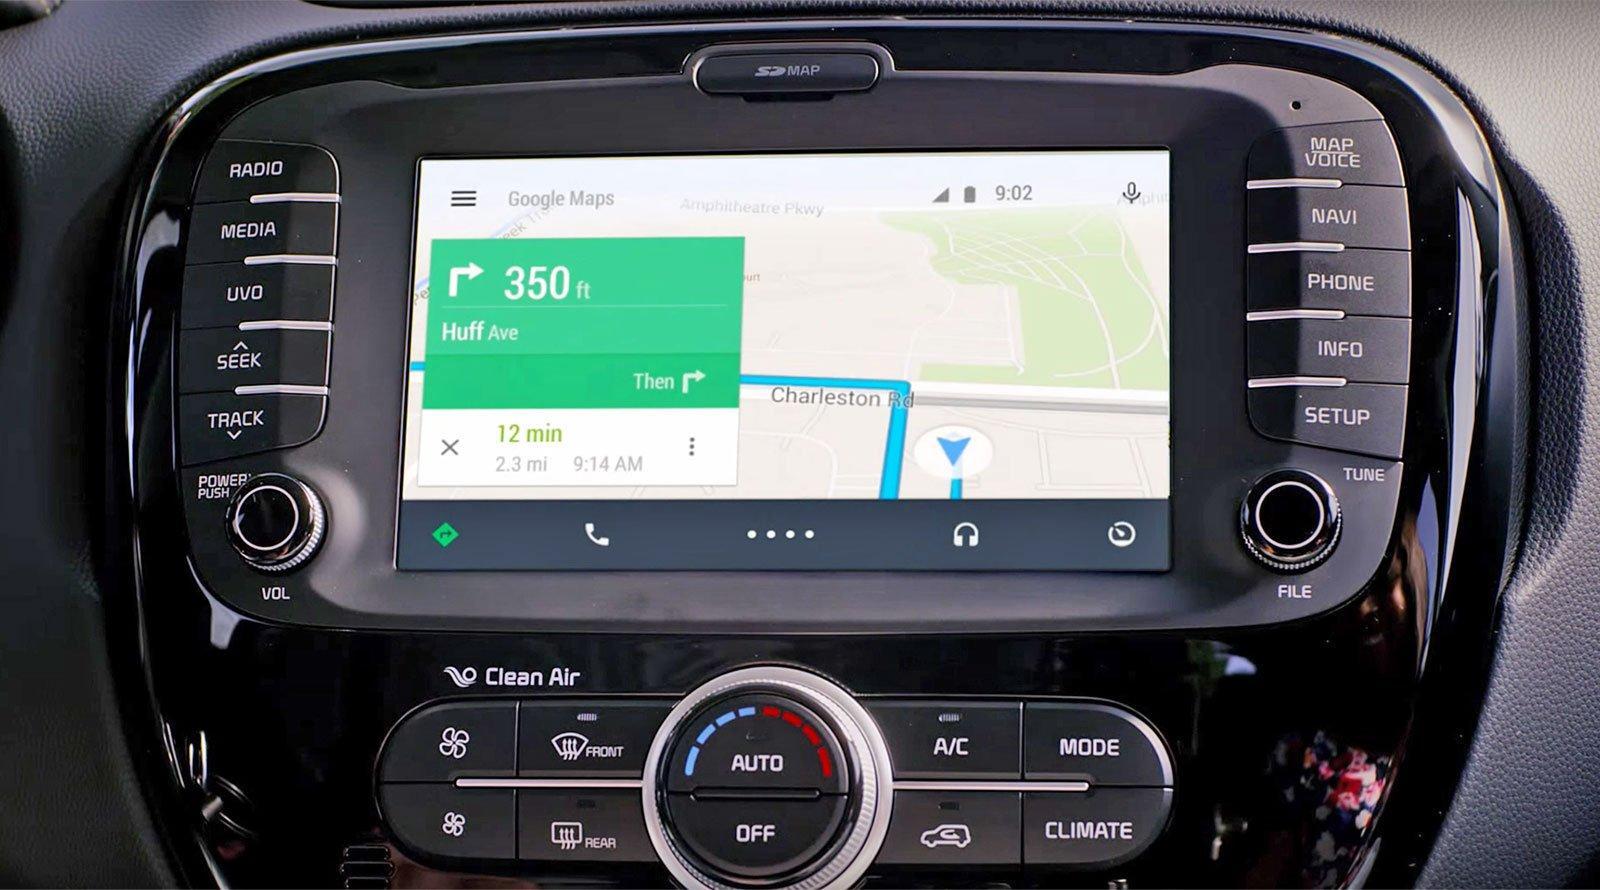 Siete pronti a parlare alla vostra auto? Con Google è ora possibile farlo